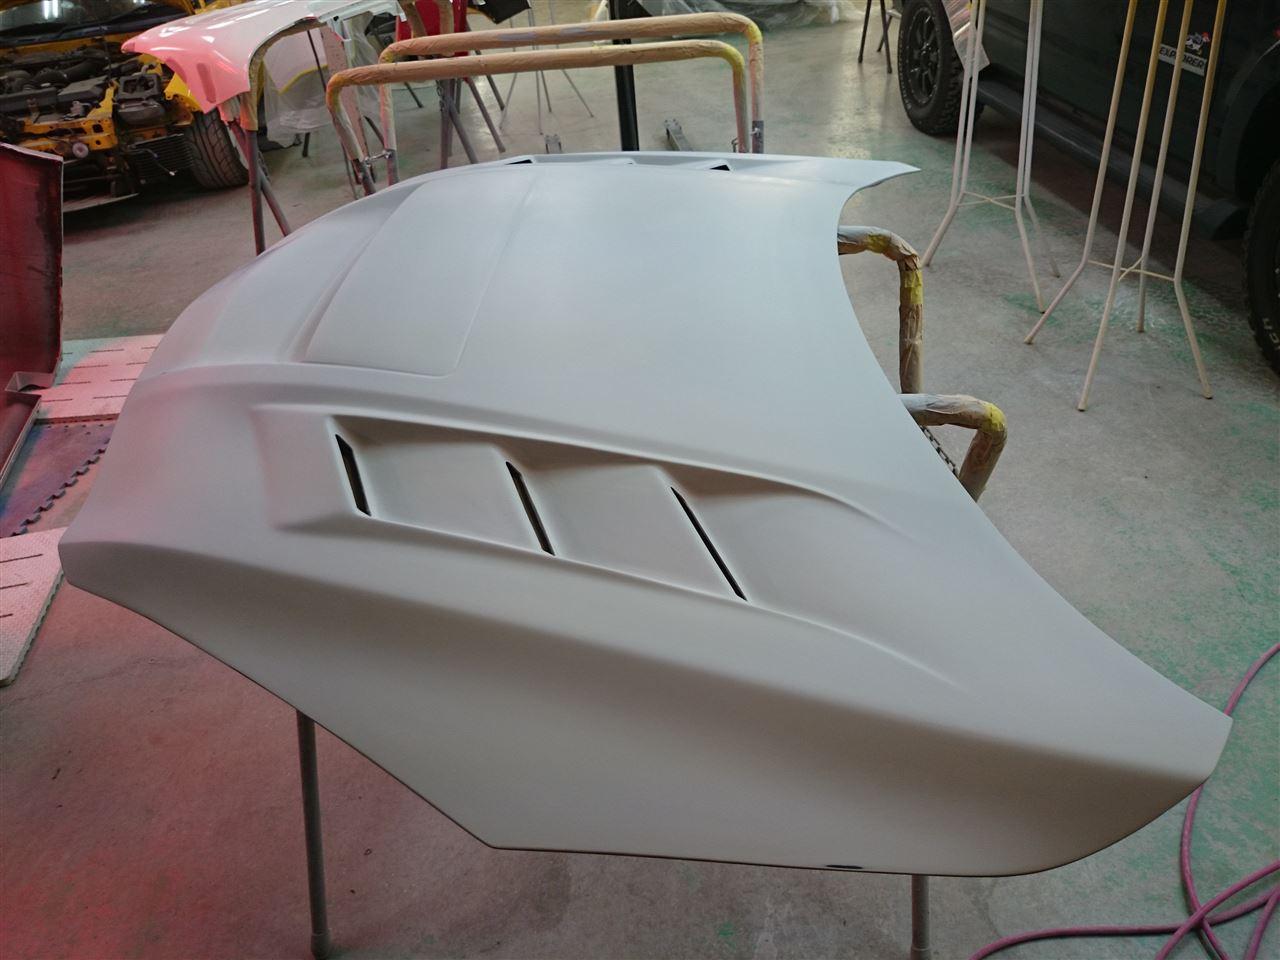 東京都立川市の車の板金塗装修理工場 ガレージローライドのマツダ アクセラの社外FRP製ボンネットの塗装 取付です。